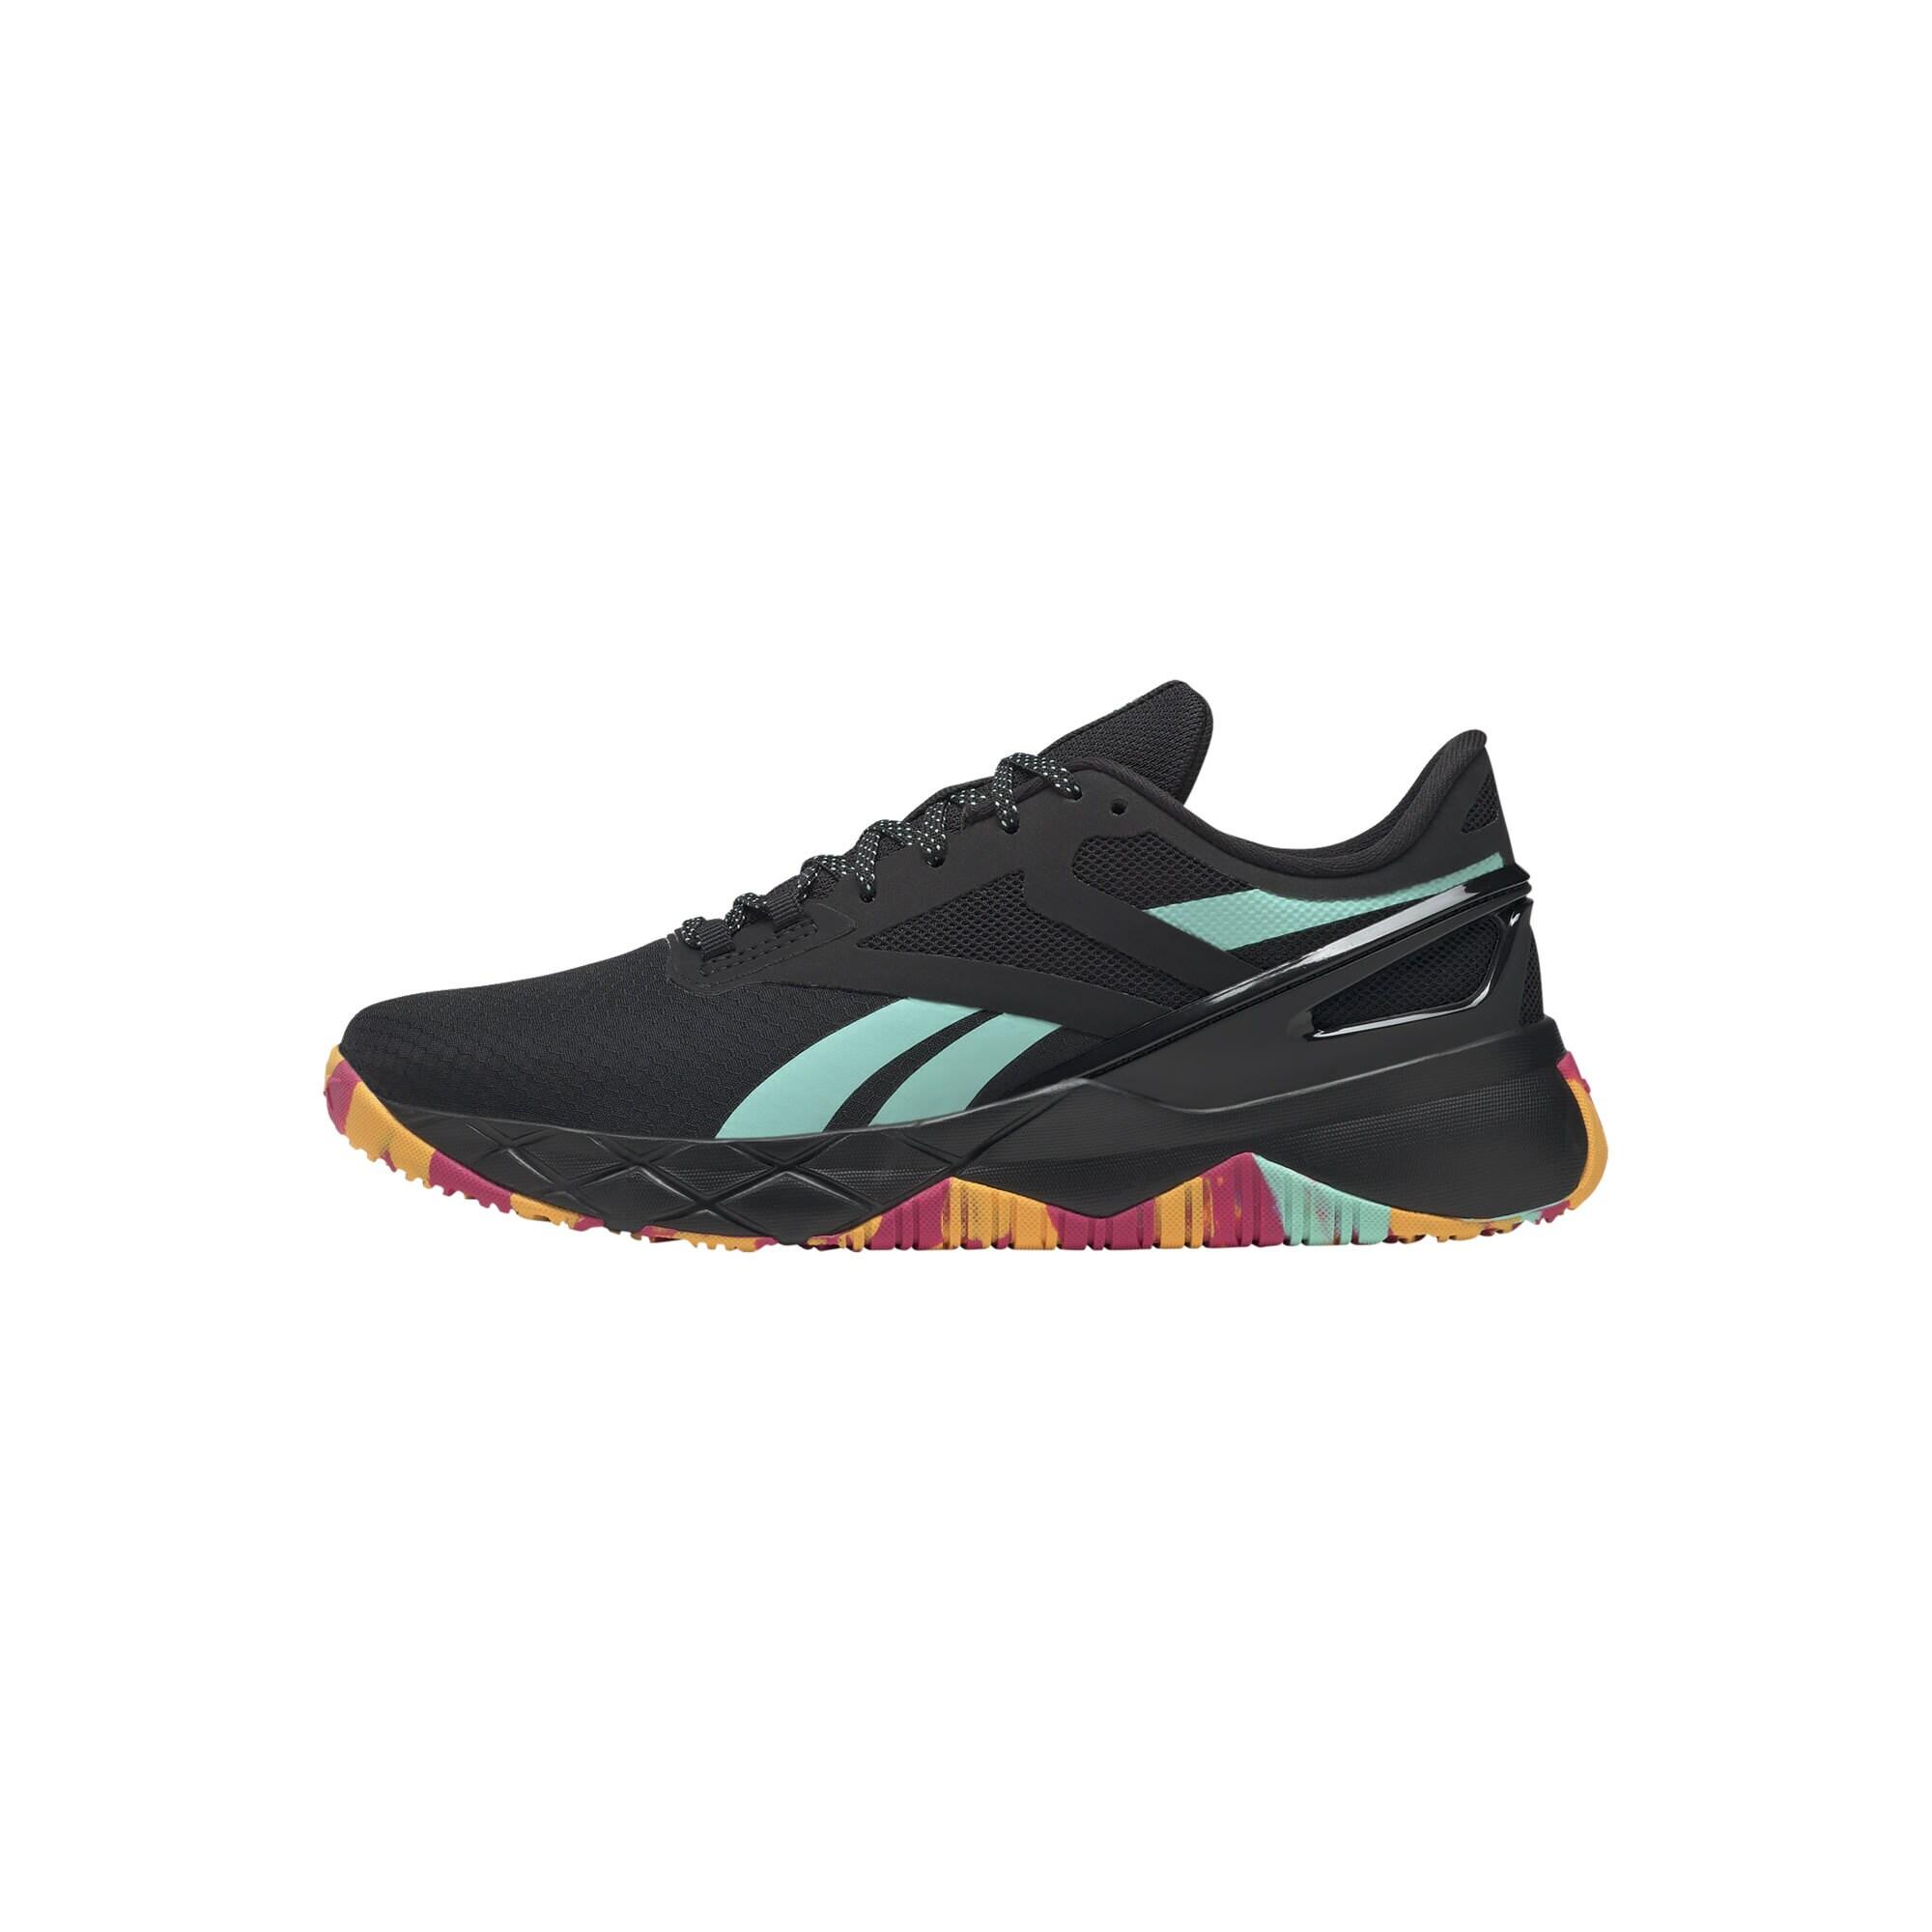 Reebok Sport Bėgimo batai juoda / mišrios spalvos